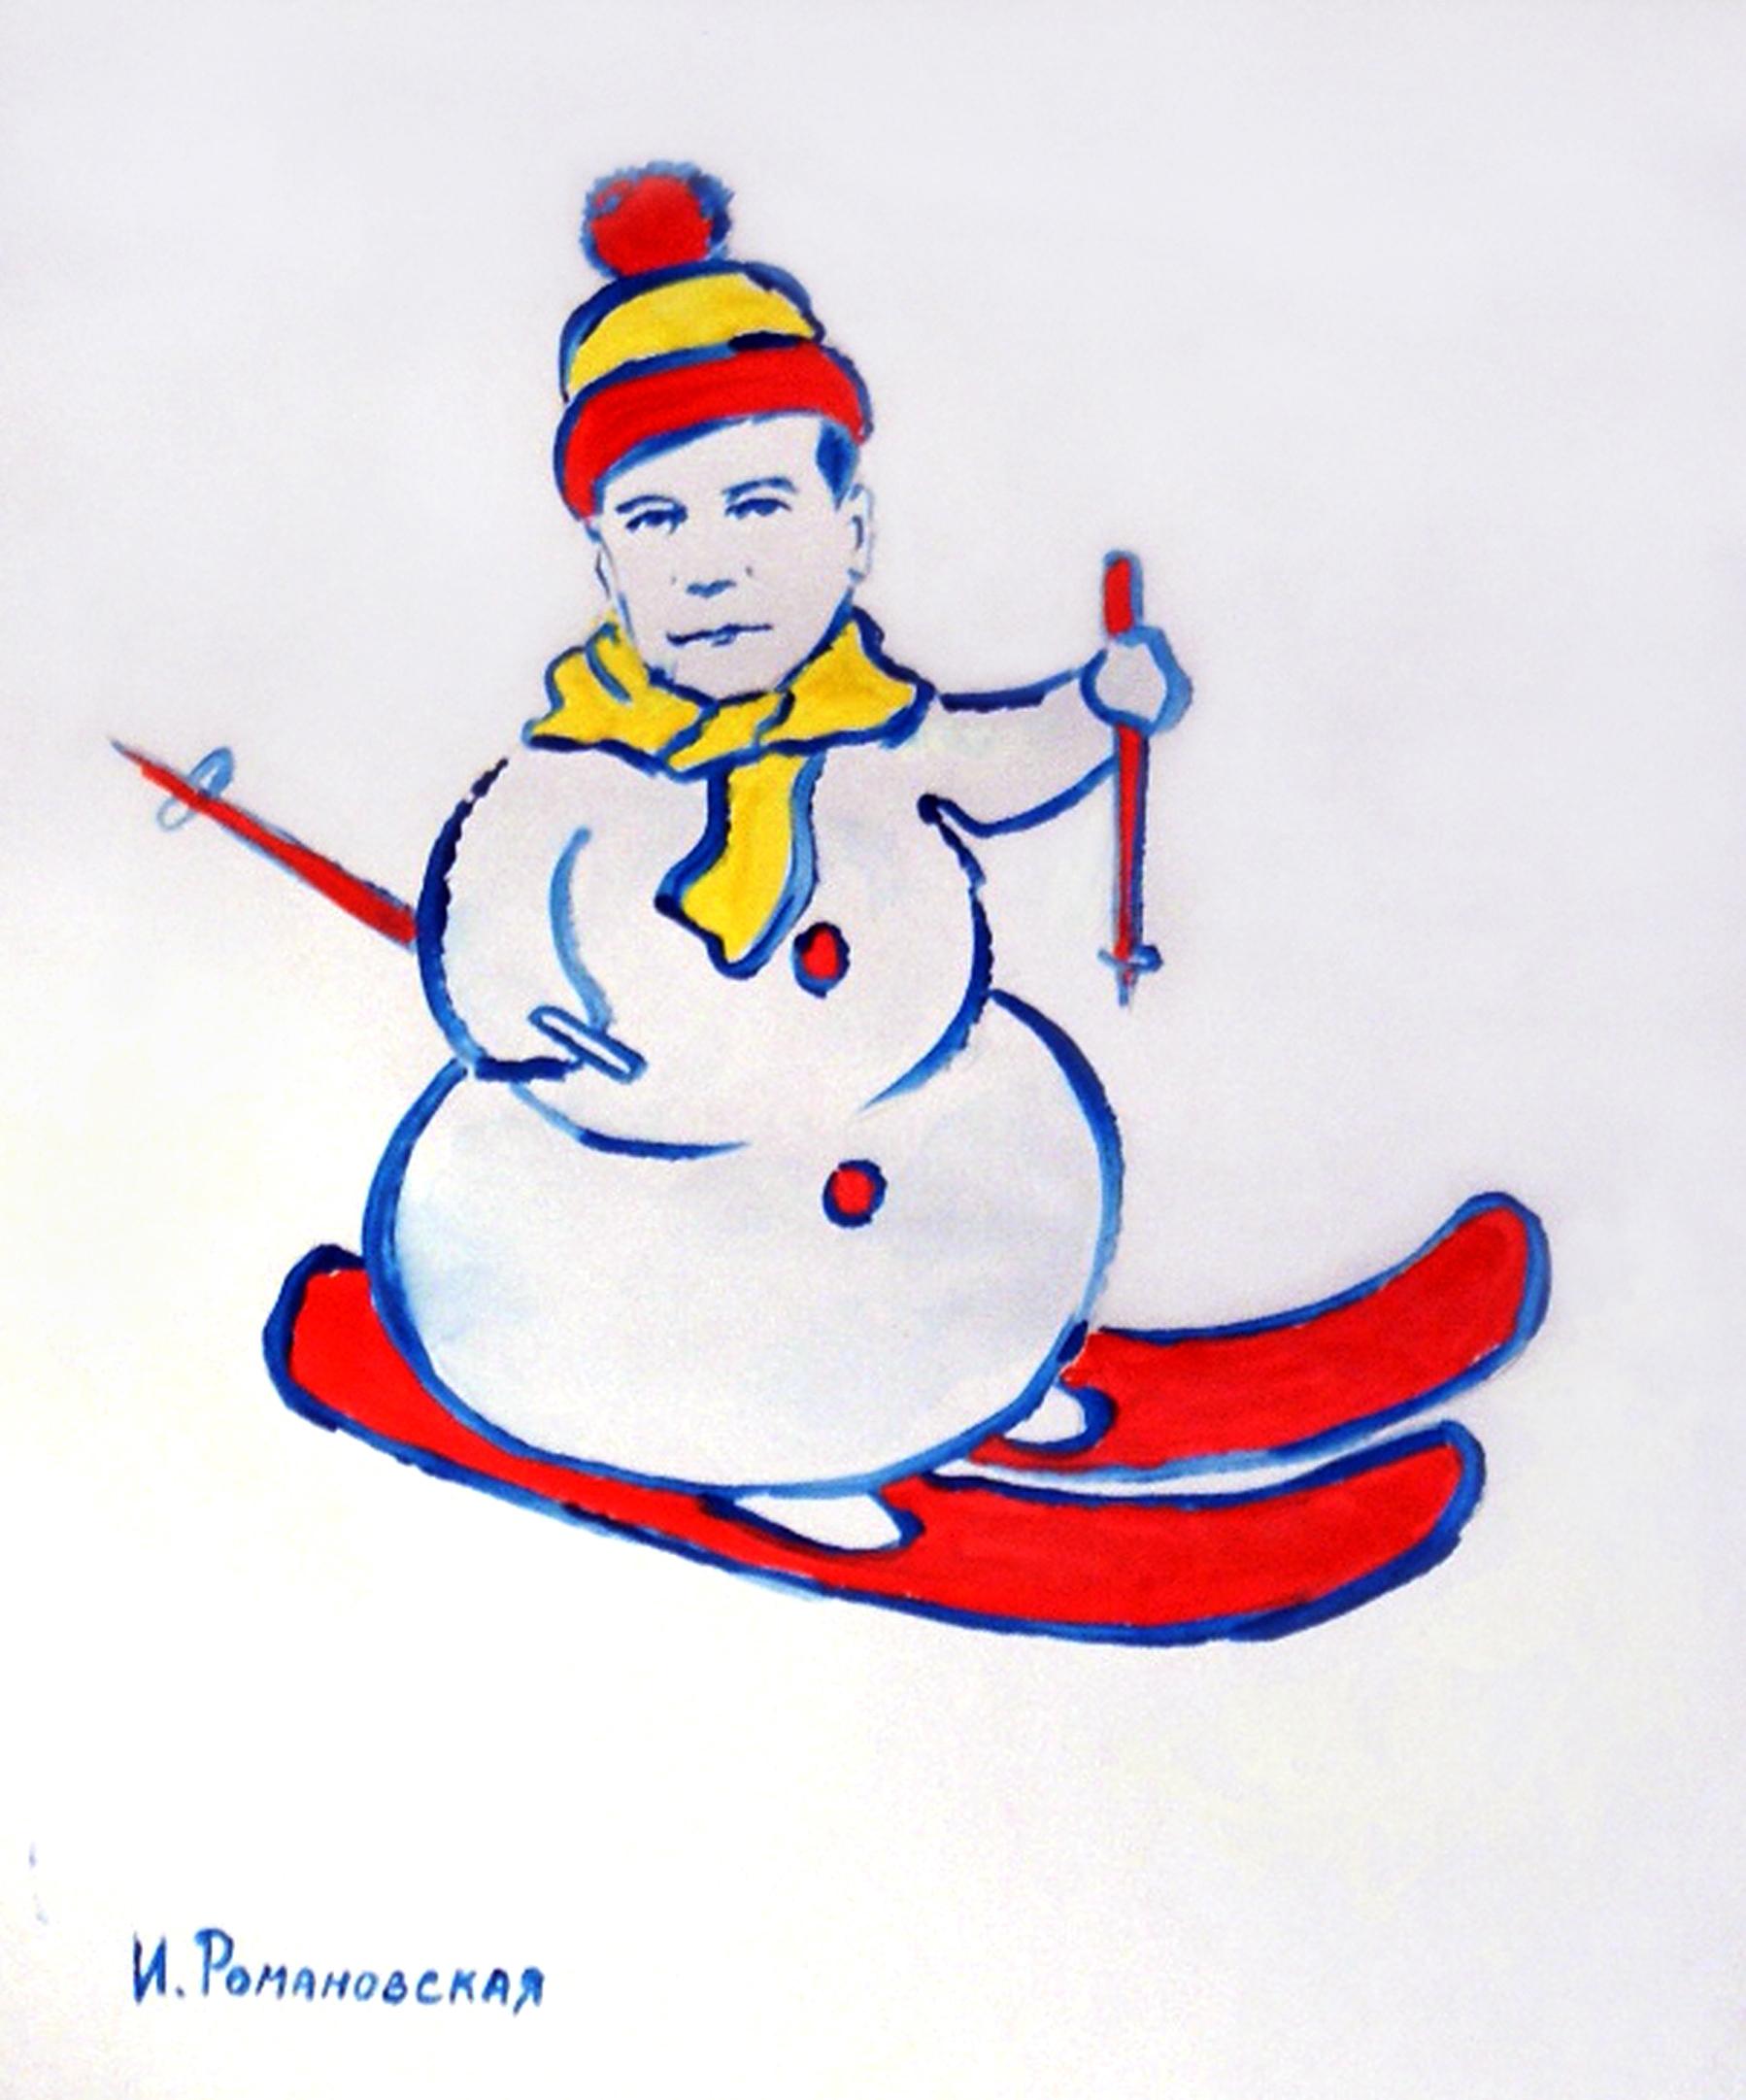 Путіна у незвичайний способі намалювали Дідом Морозом, а Медведєва - сніговиком - фото 1